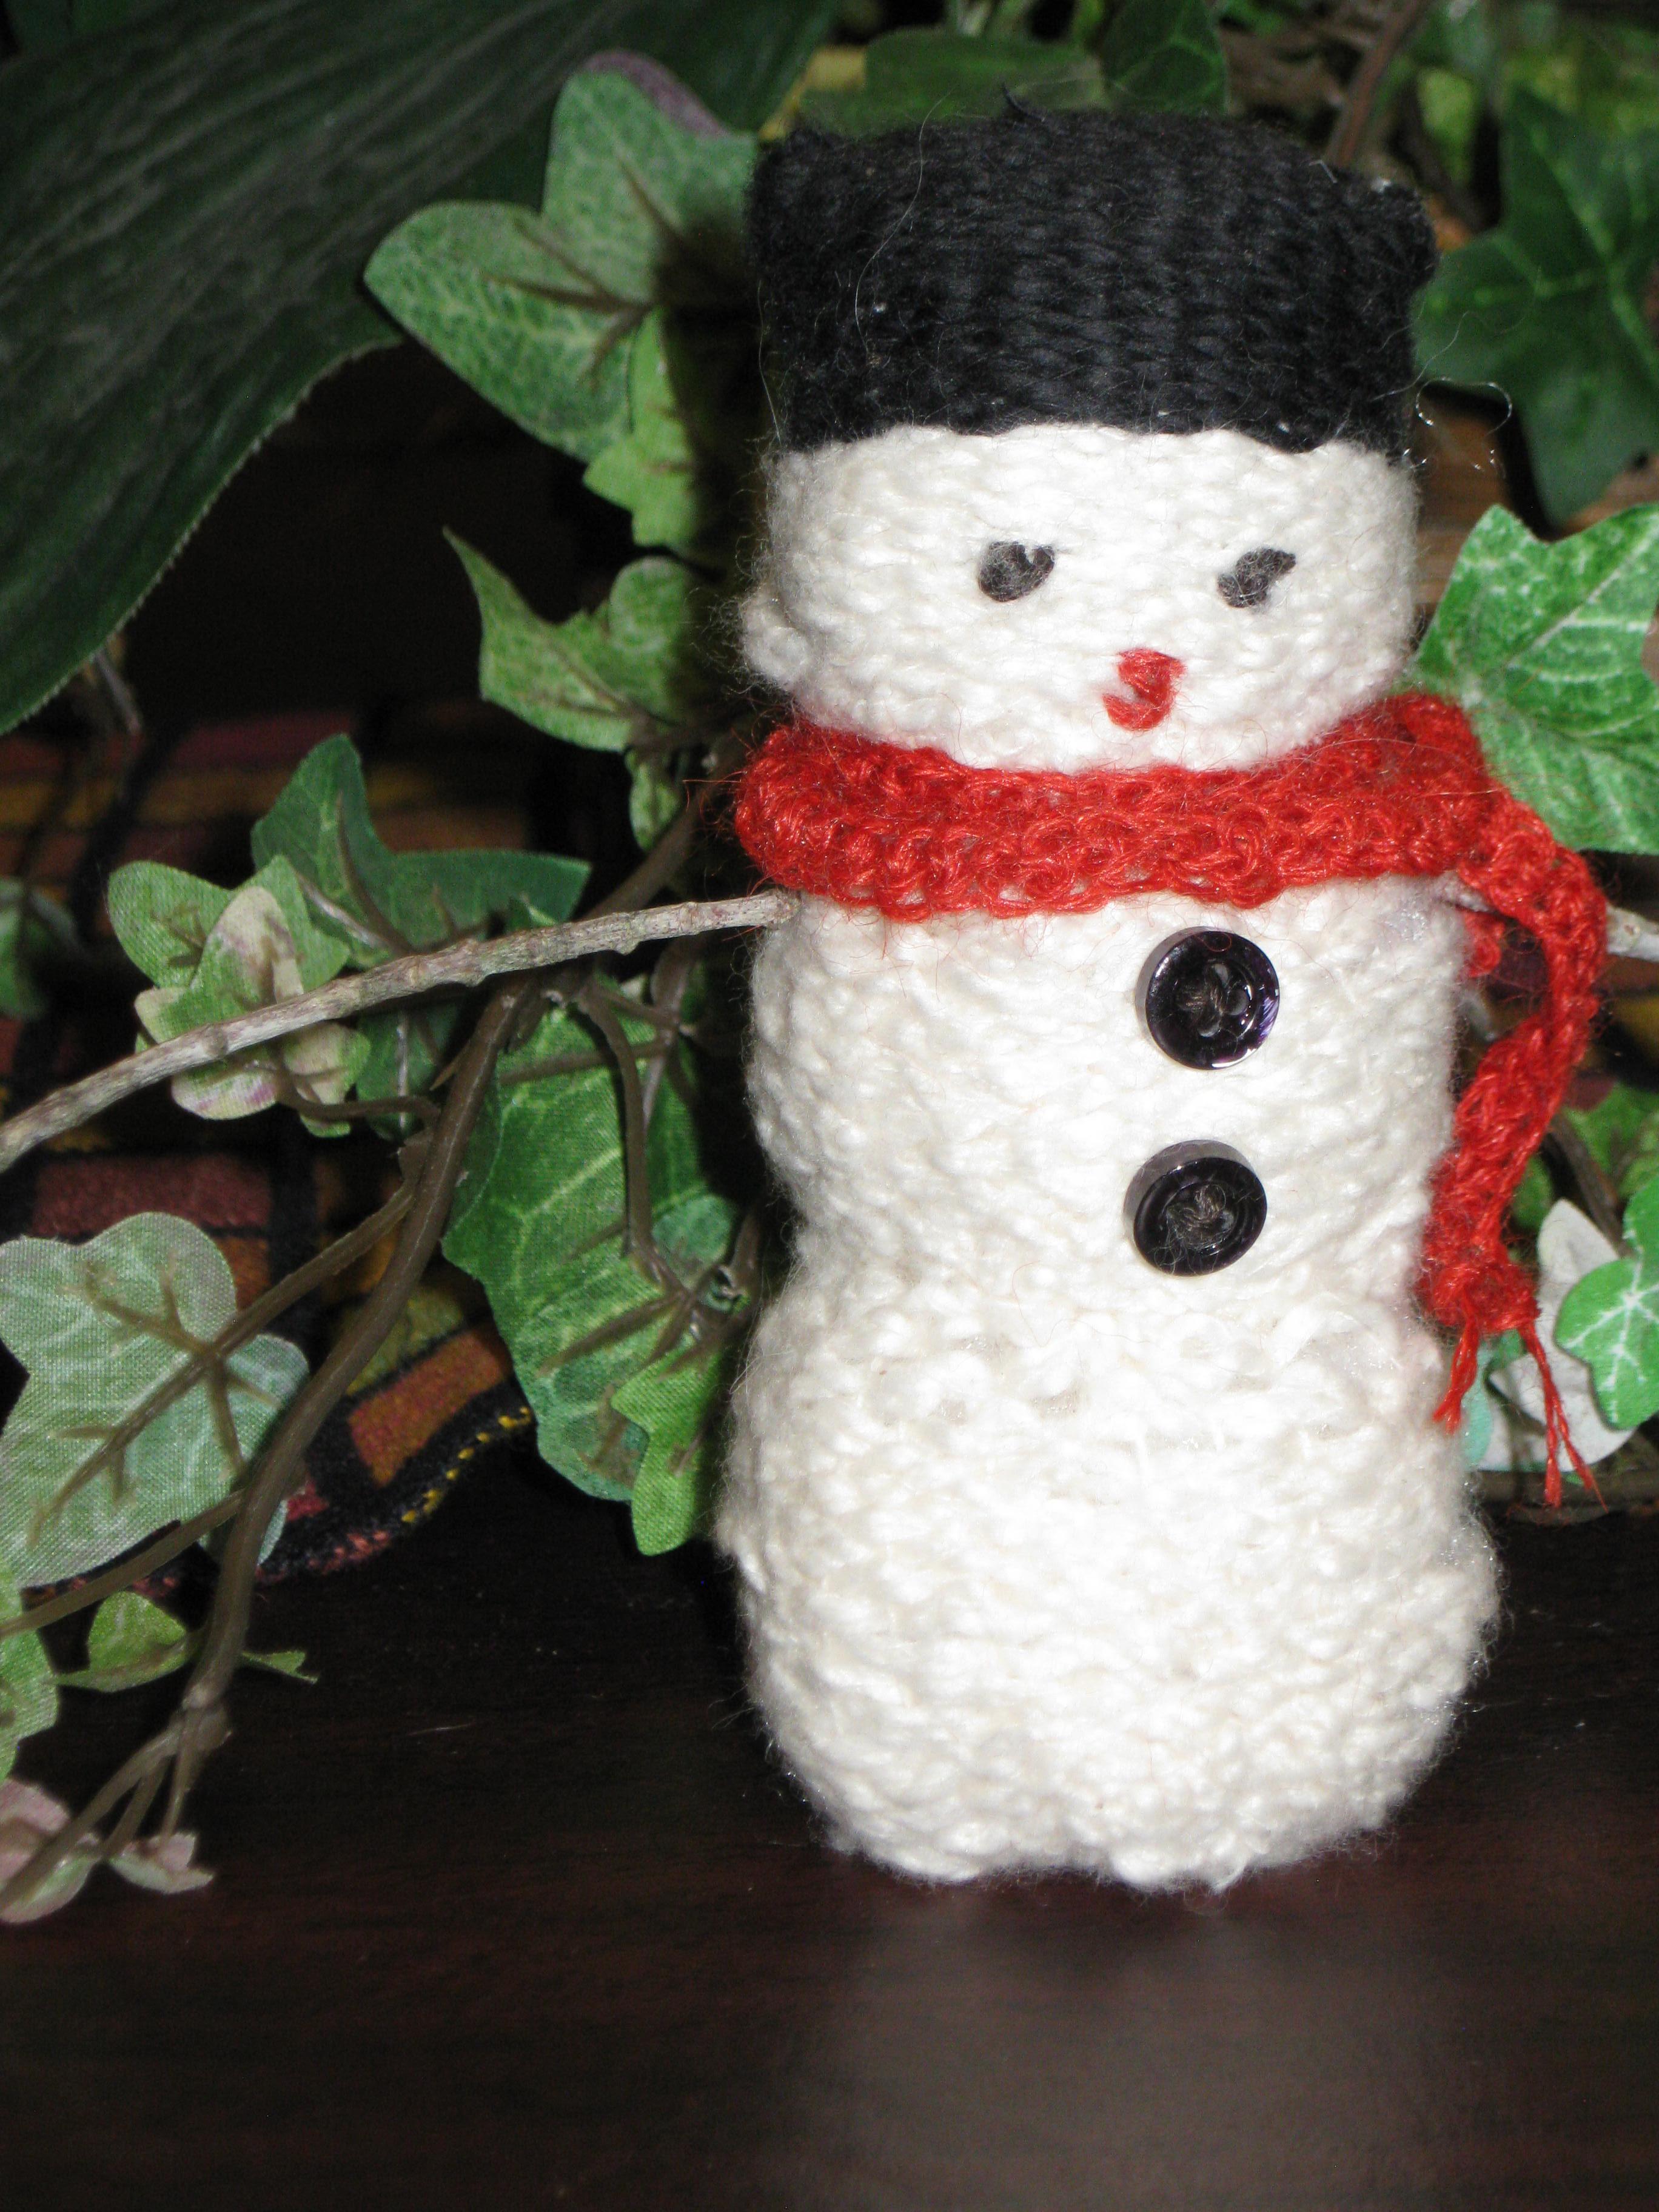 Woven snowman